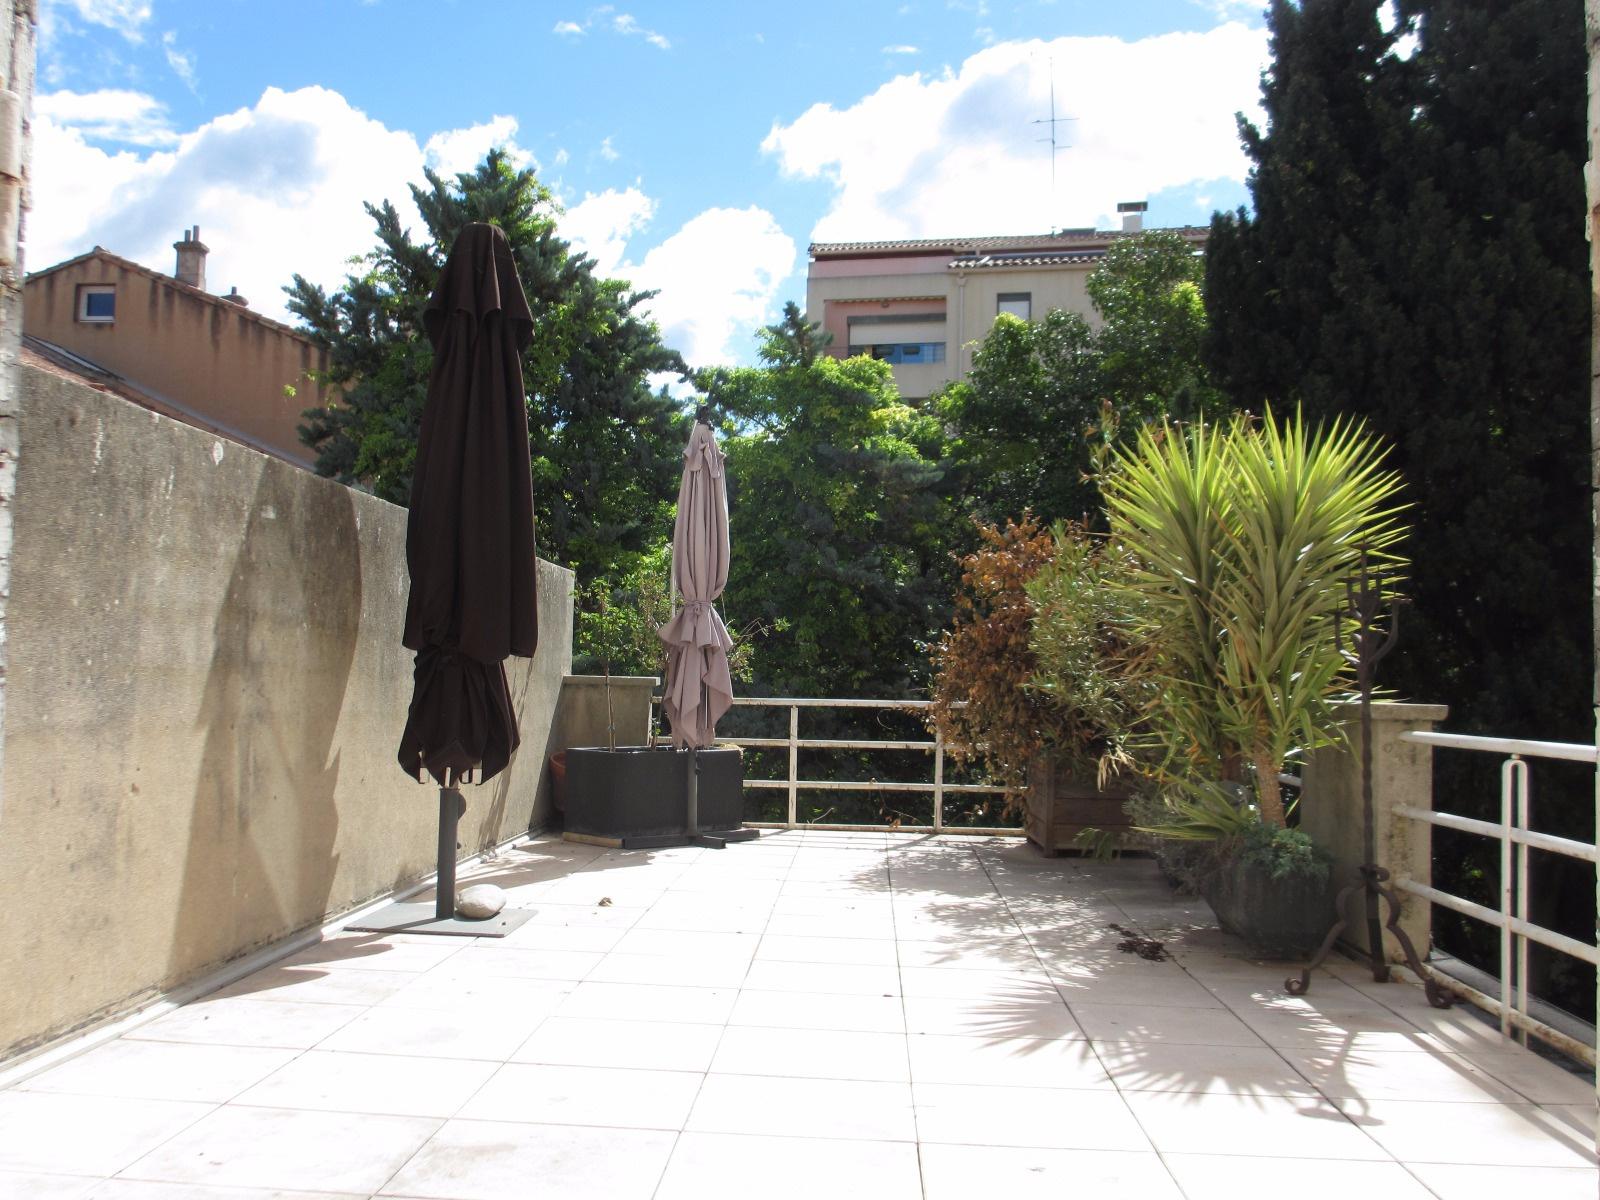 Vente appartement aix en provence centre et environs for Achat maison aix en provence centre ville